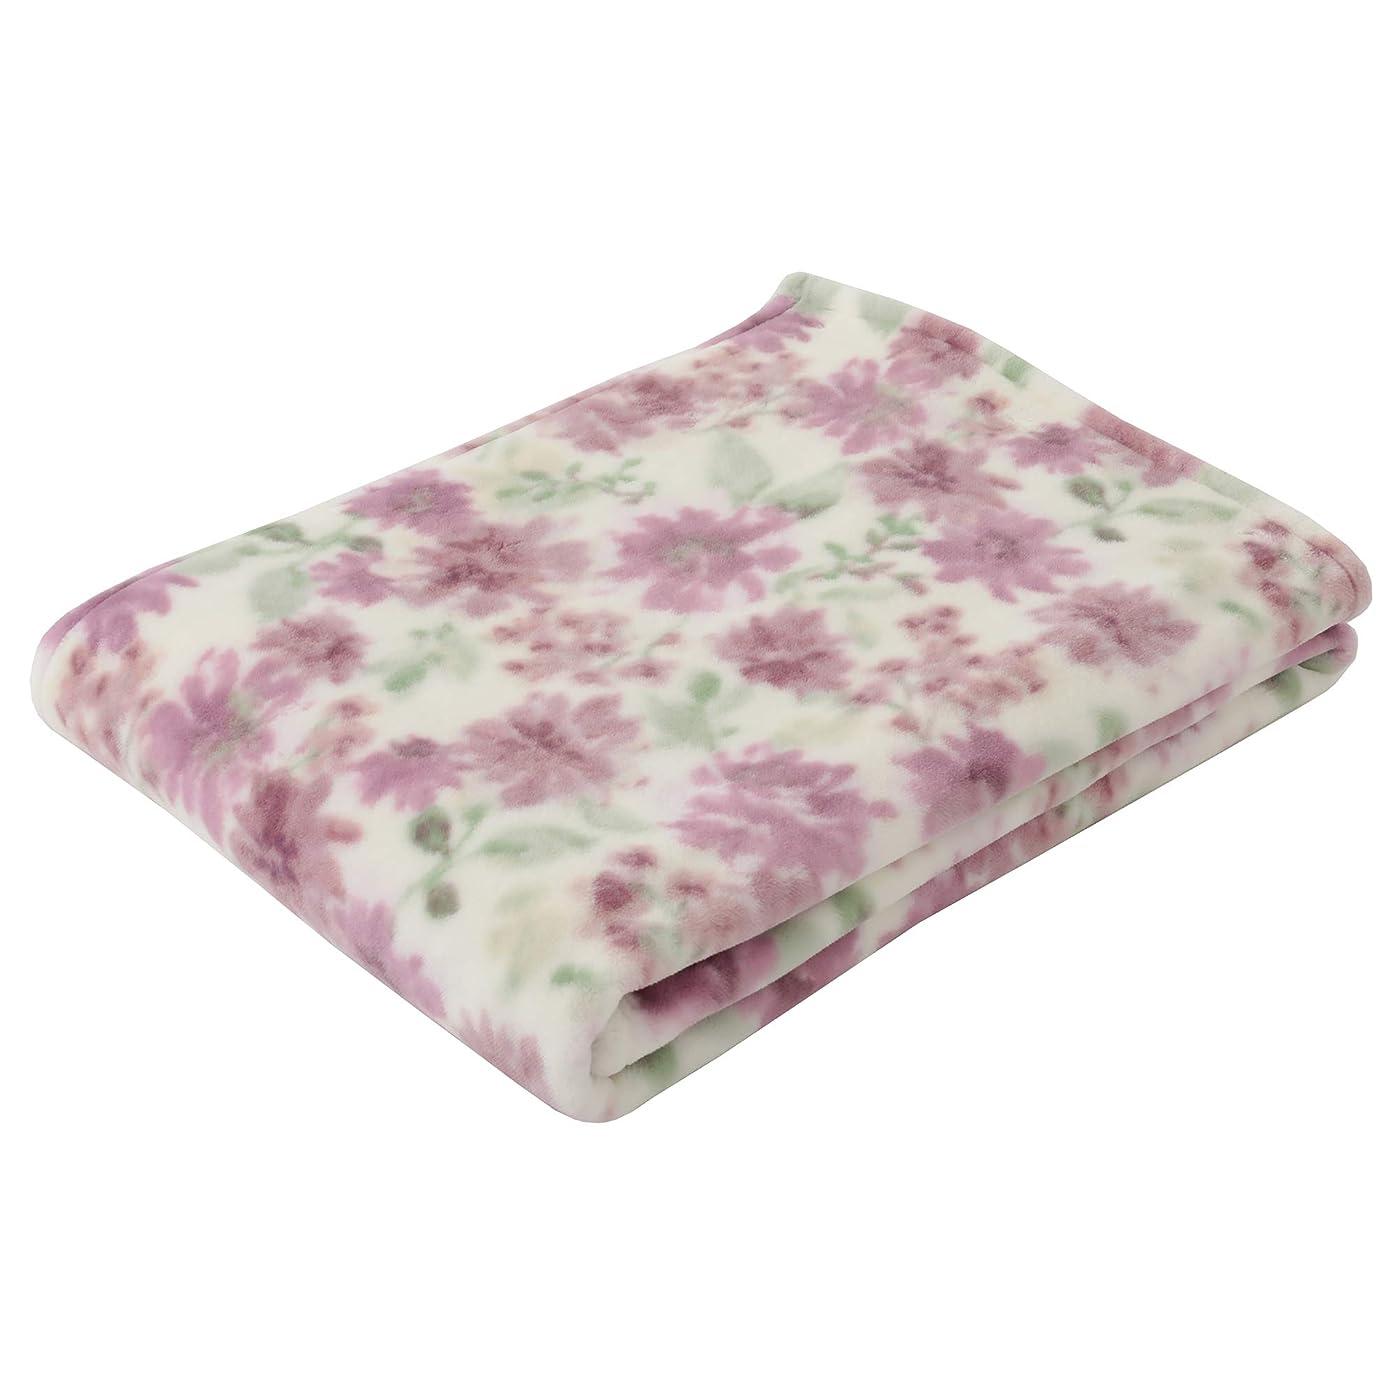 先行するフック民主主義東京西川 毛布 ピンク シングル 軽量 日本製 マイモデル フラワーシャワー柄 FQ08060015P